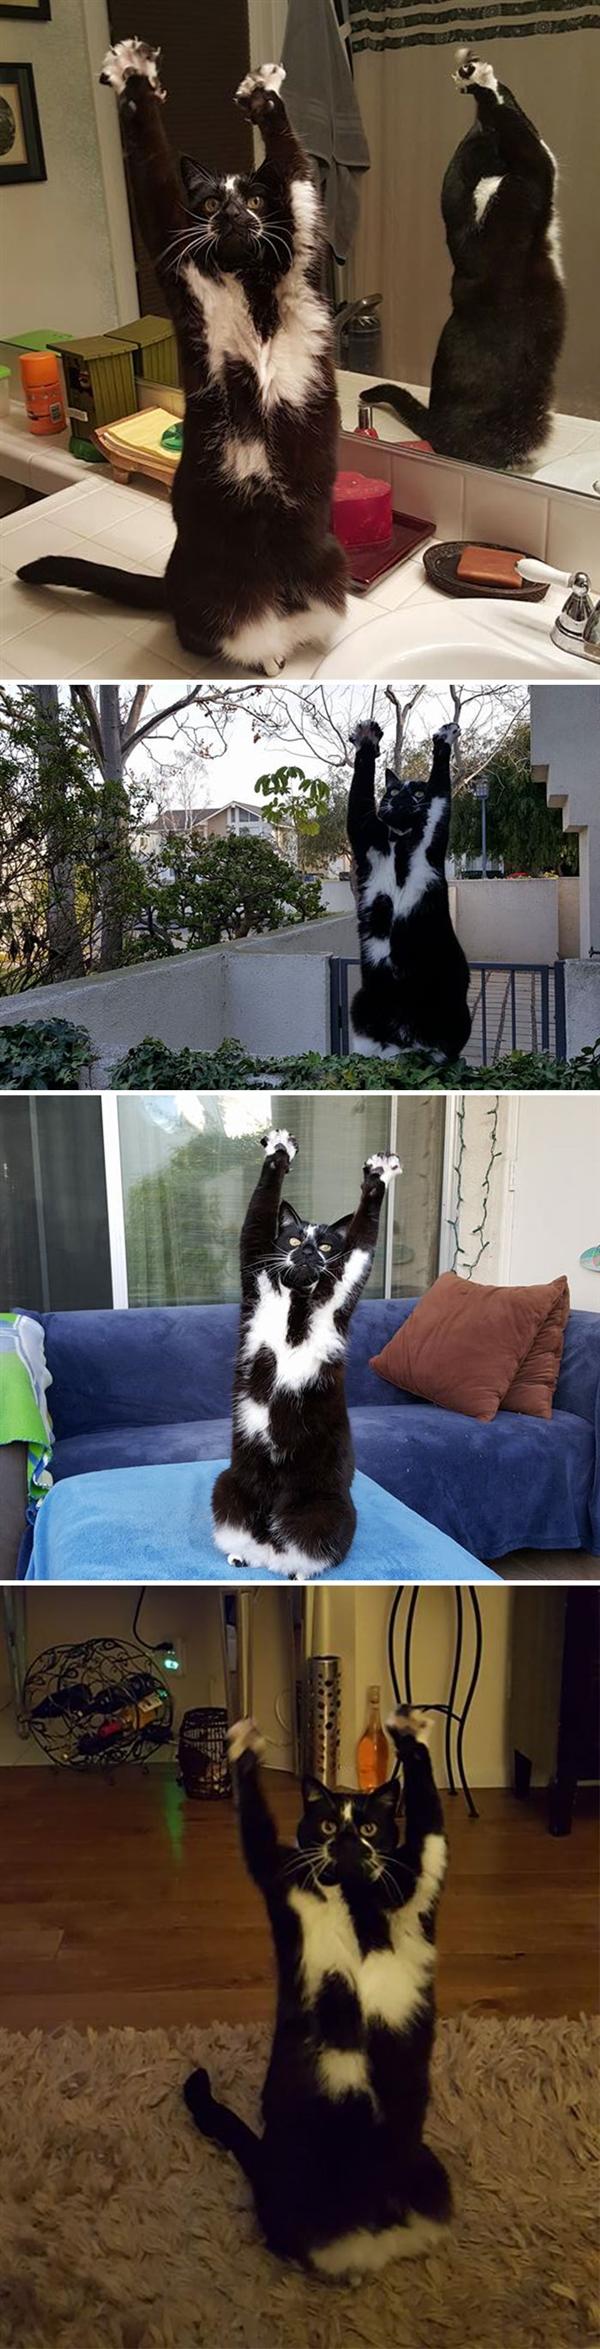 網友分享喵星人古怪照片 一整天的笑點都在這了